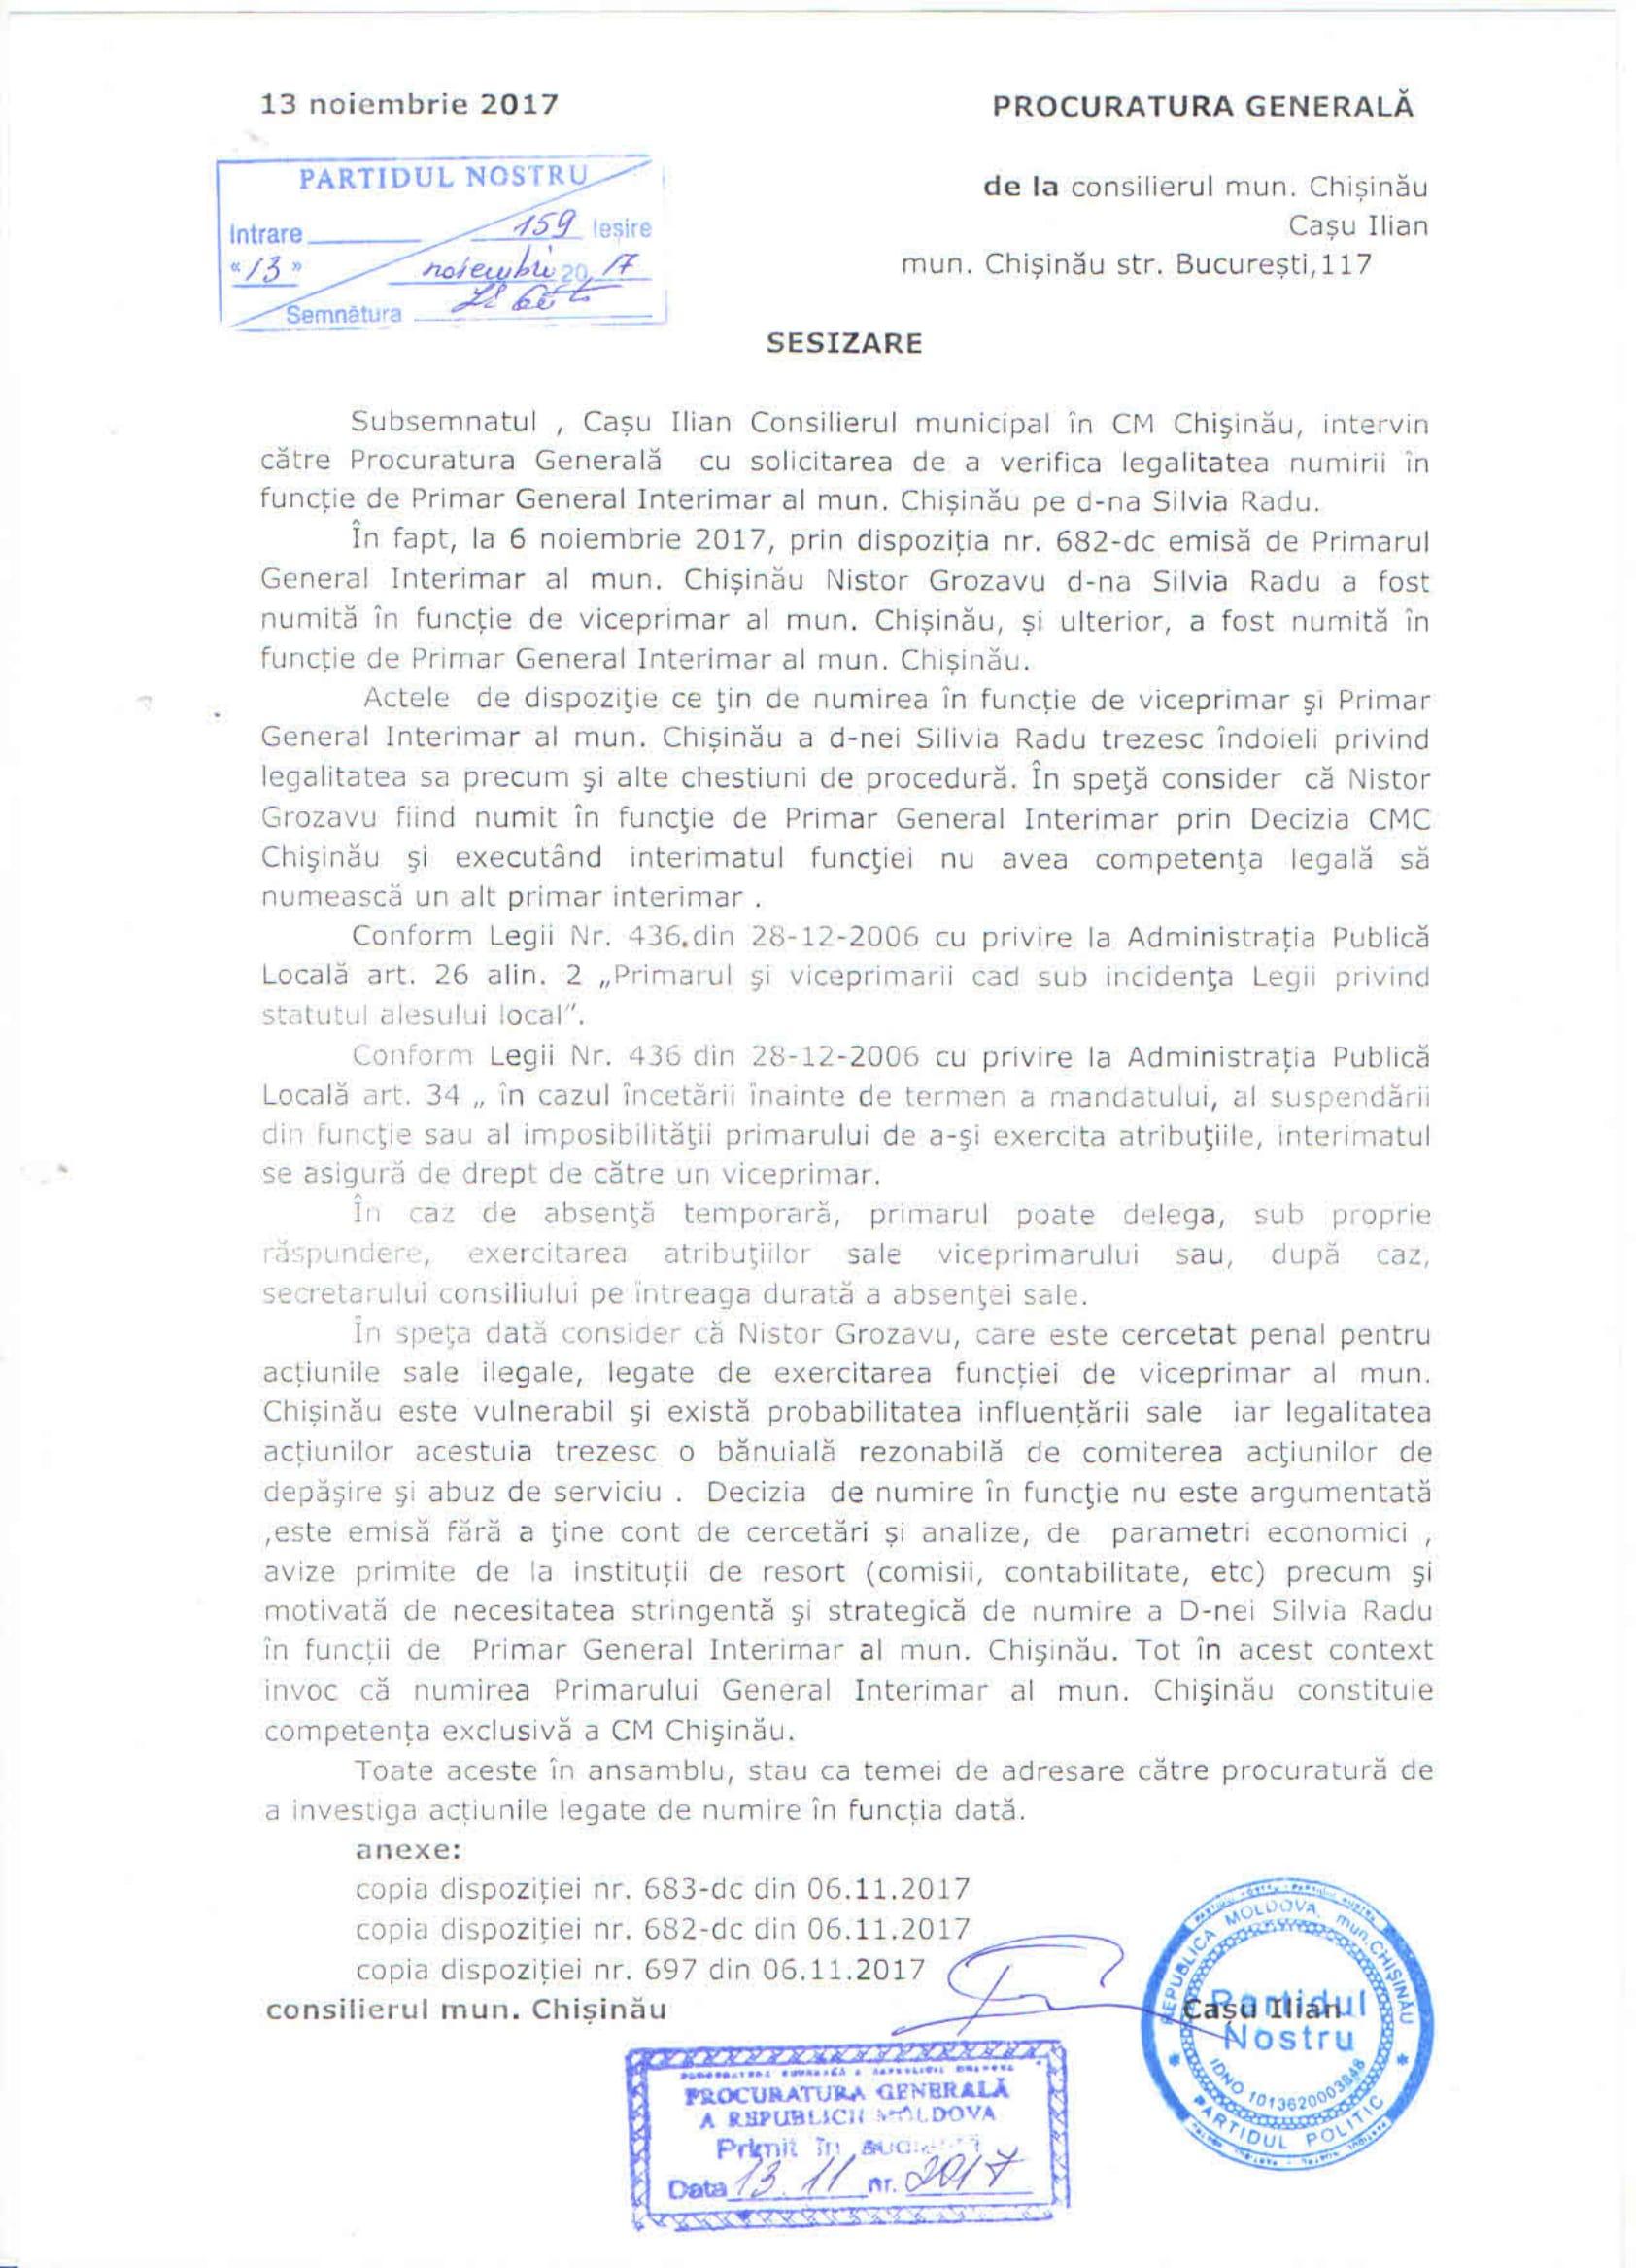 Заявление в Генеральную прокуратуру